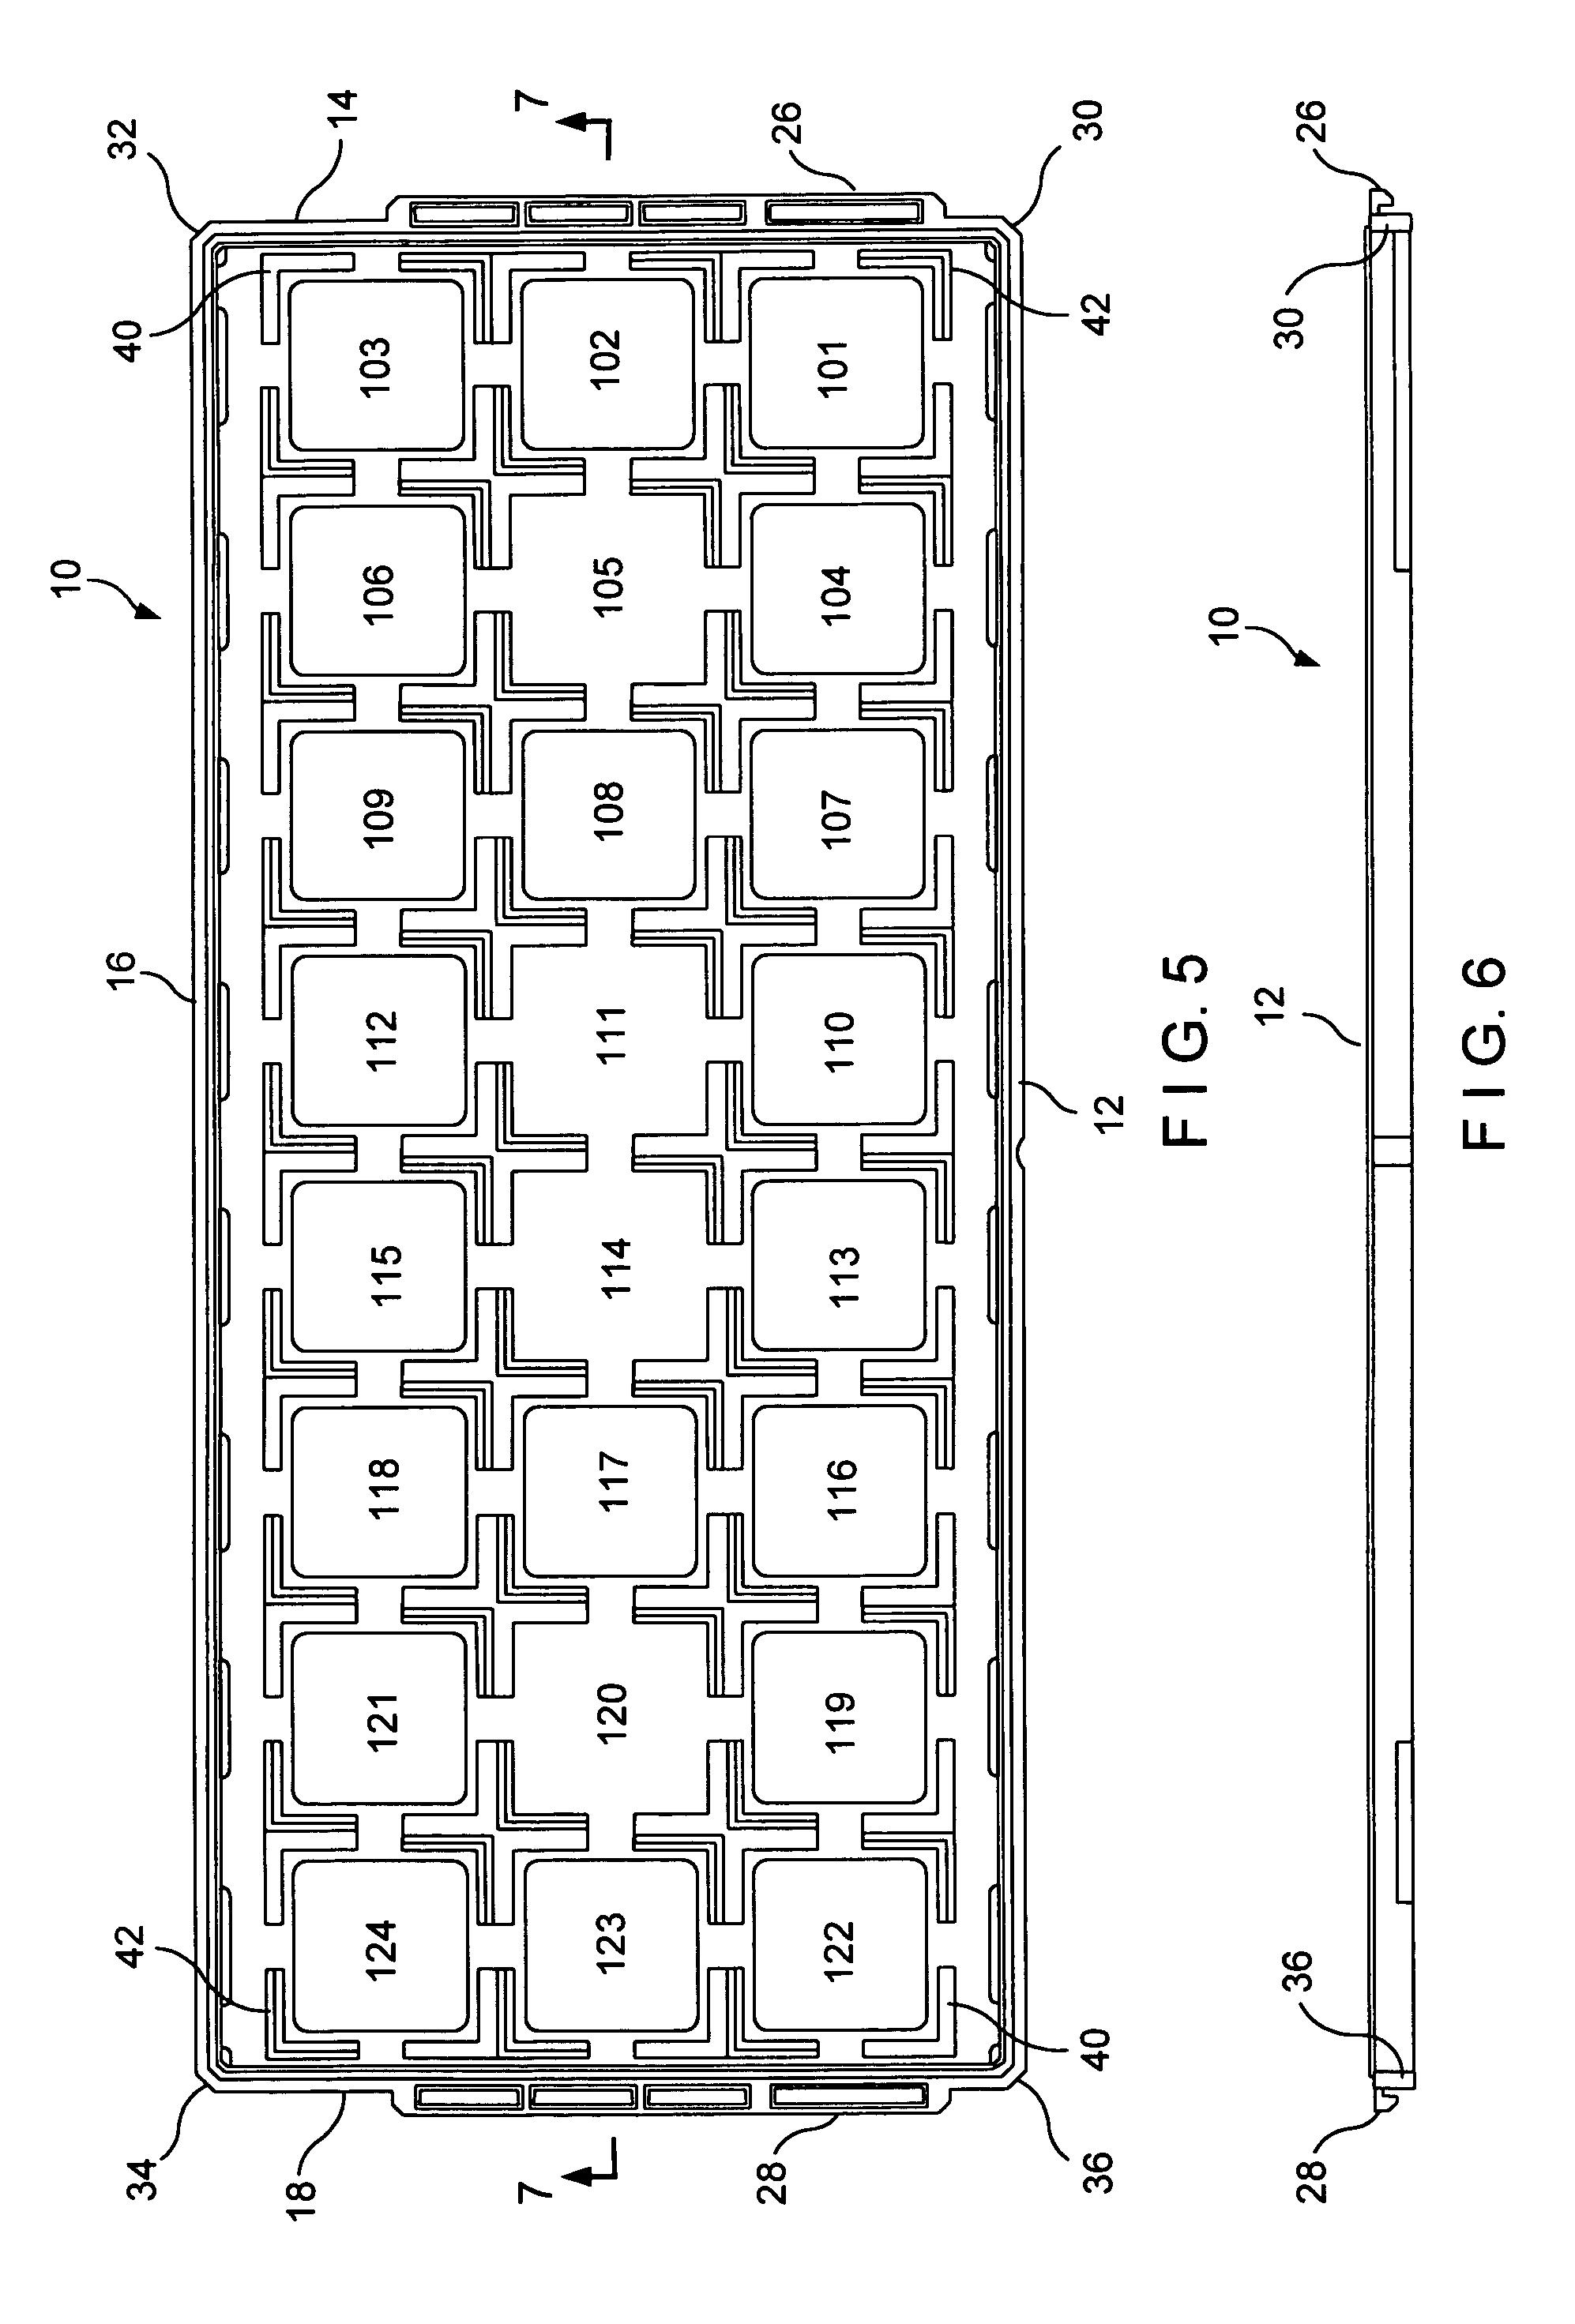 patent us7410060